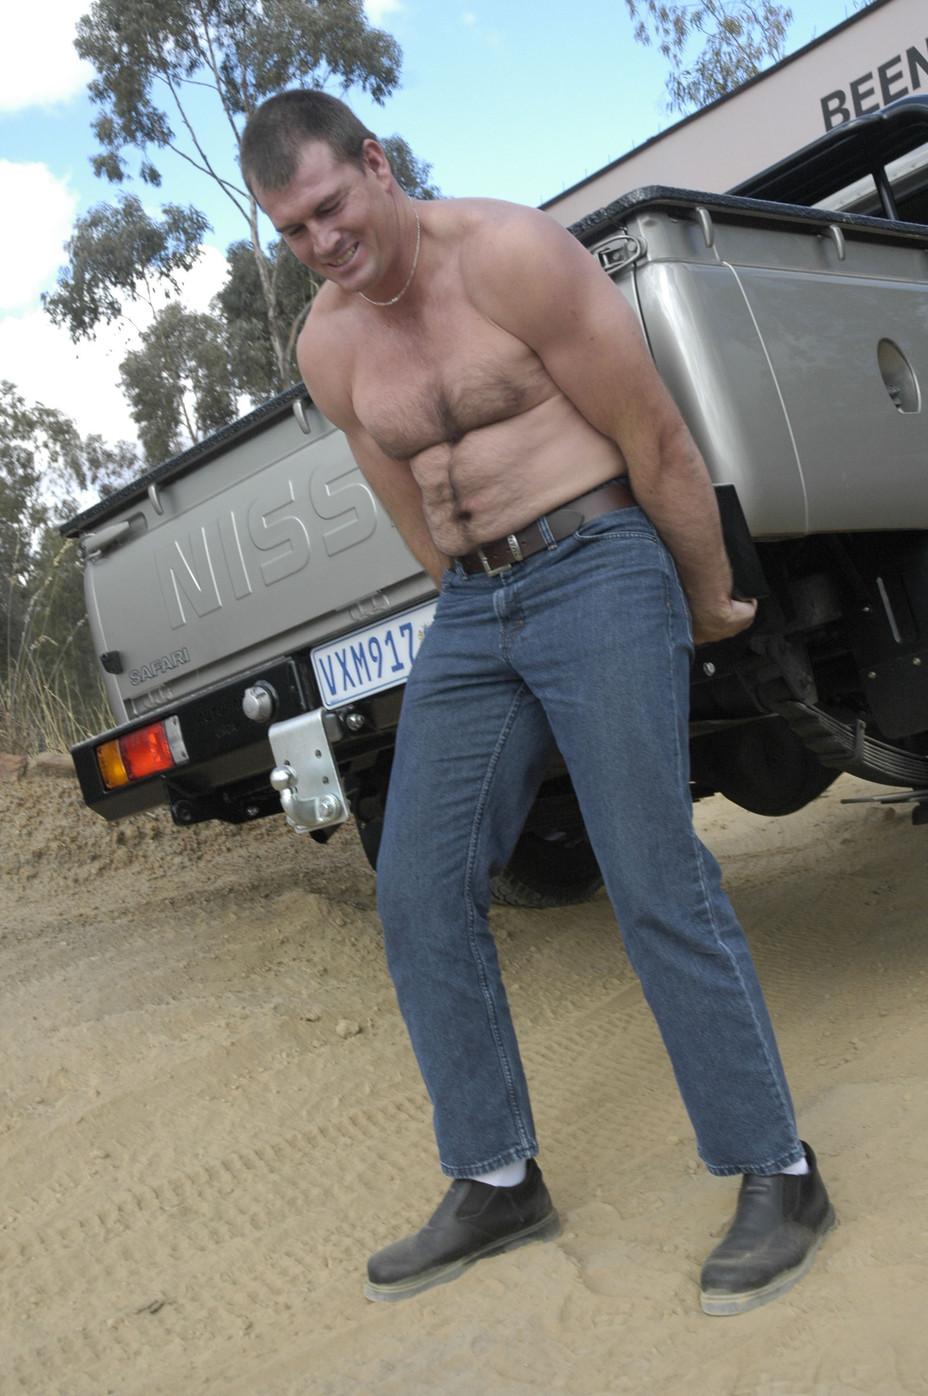 Strong farmer bags a Nissan Patrol Safari for a year